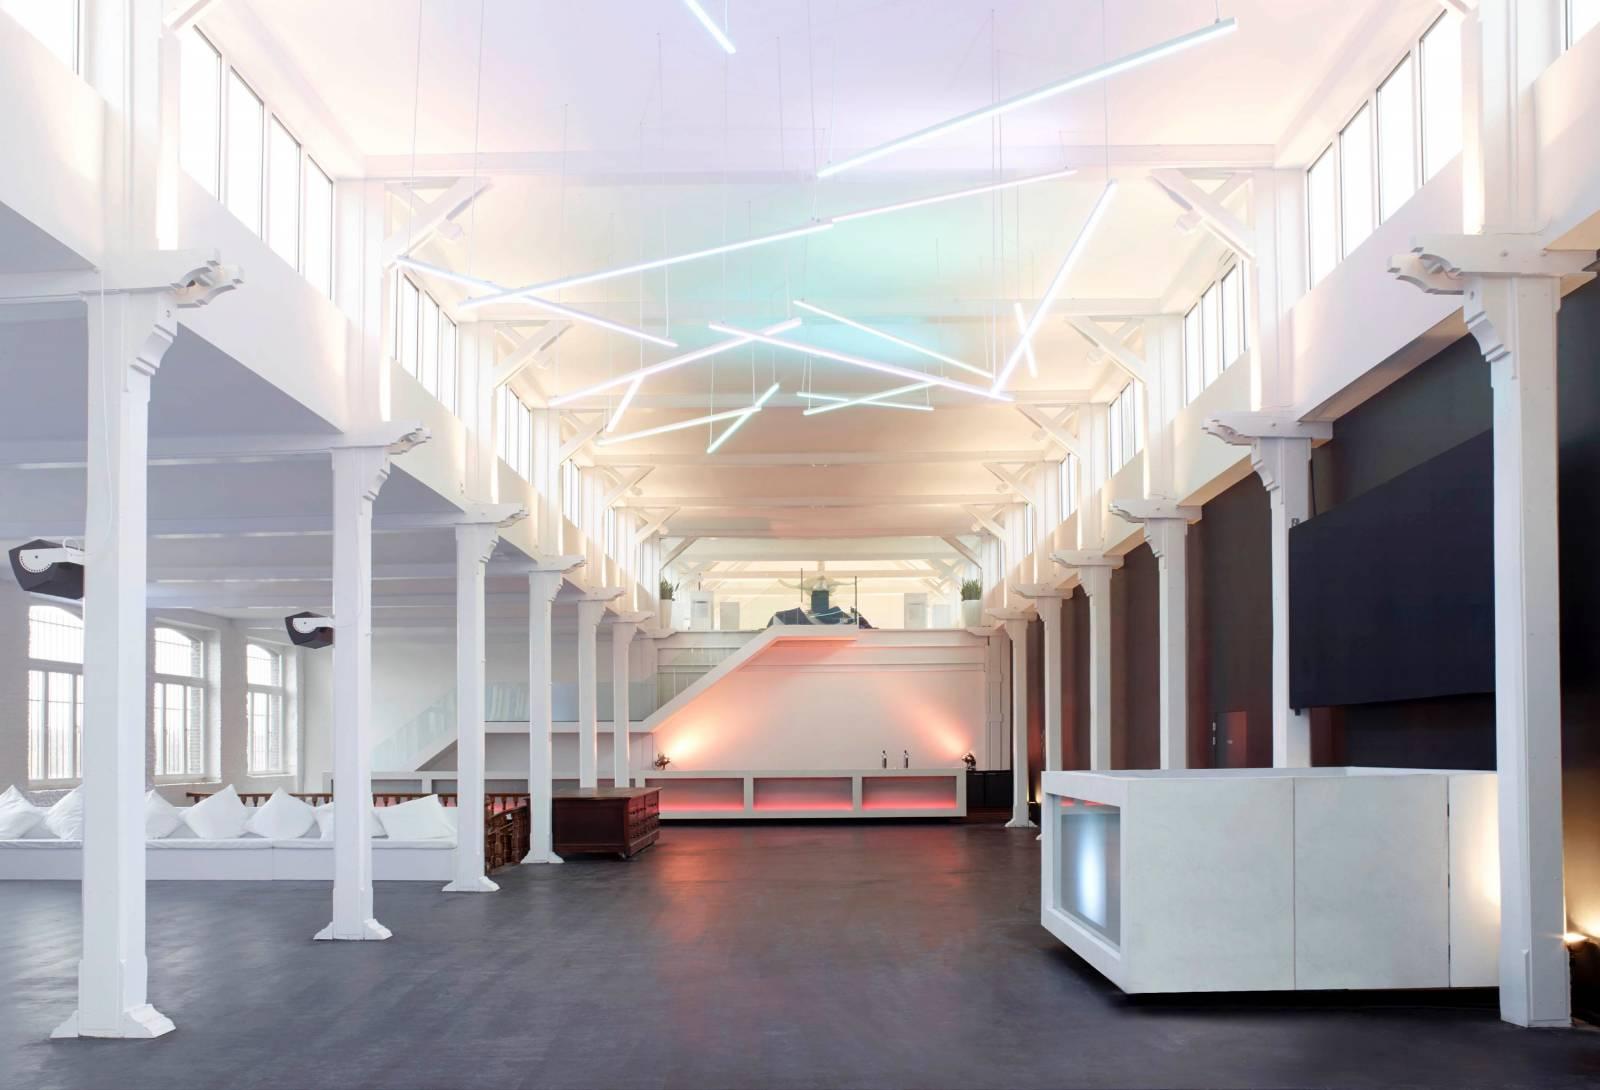 Zaal Lux - Feestzaal - Eventlocatie te Gent - House of Events - 32